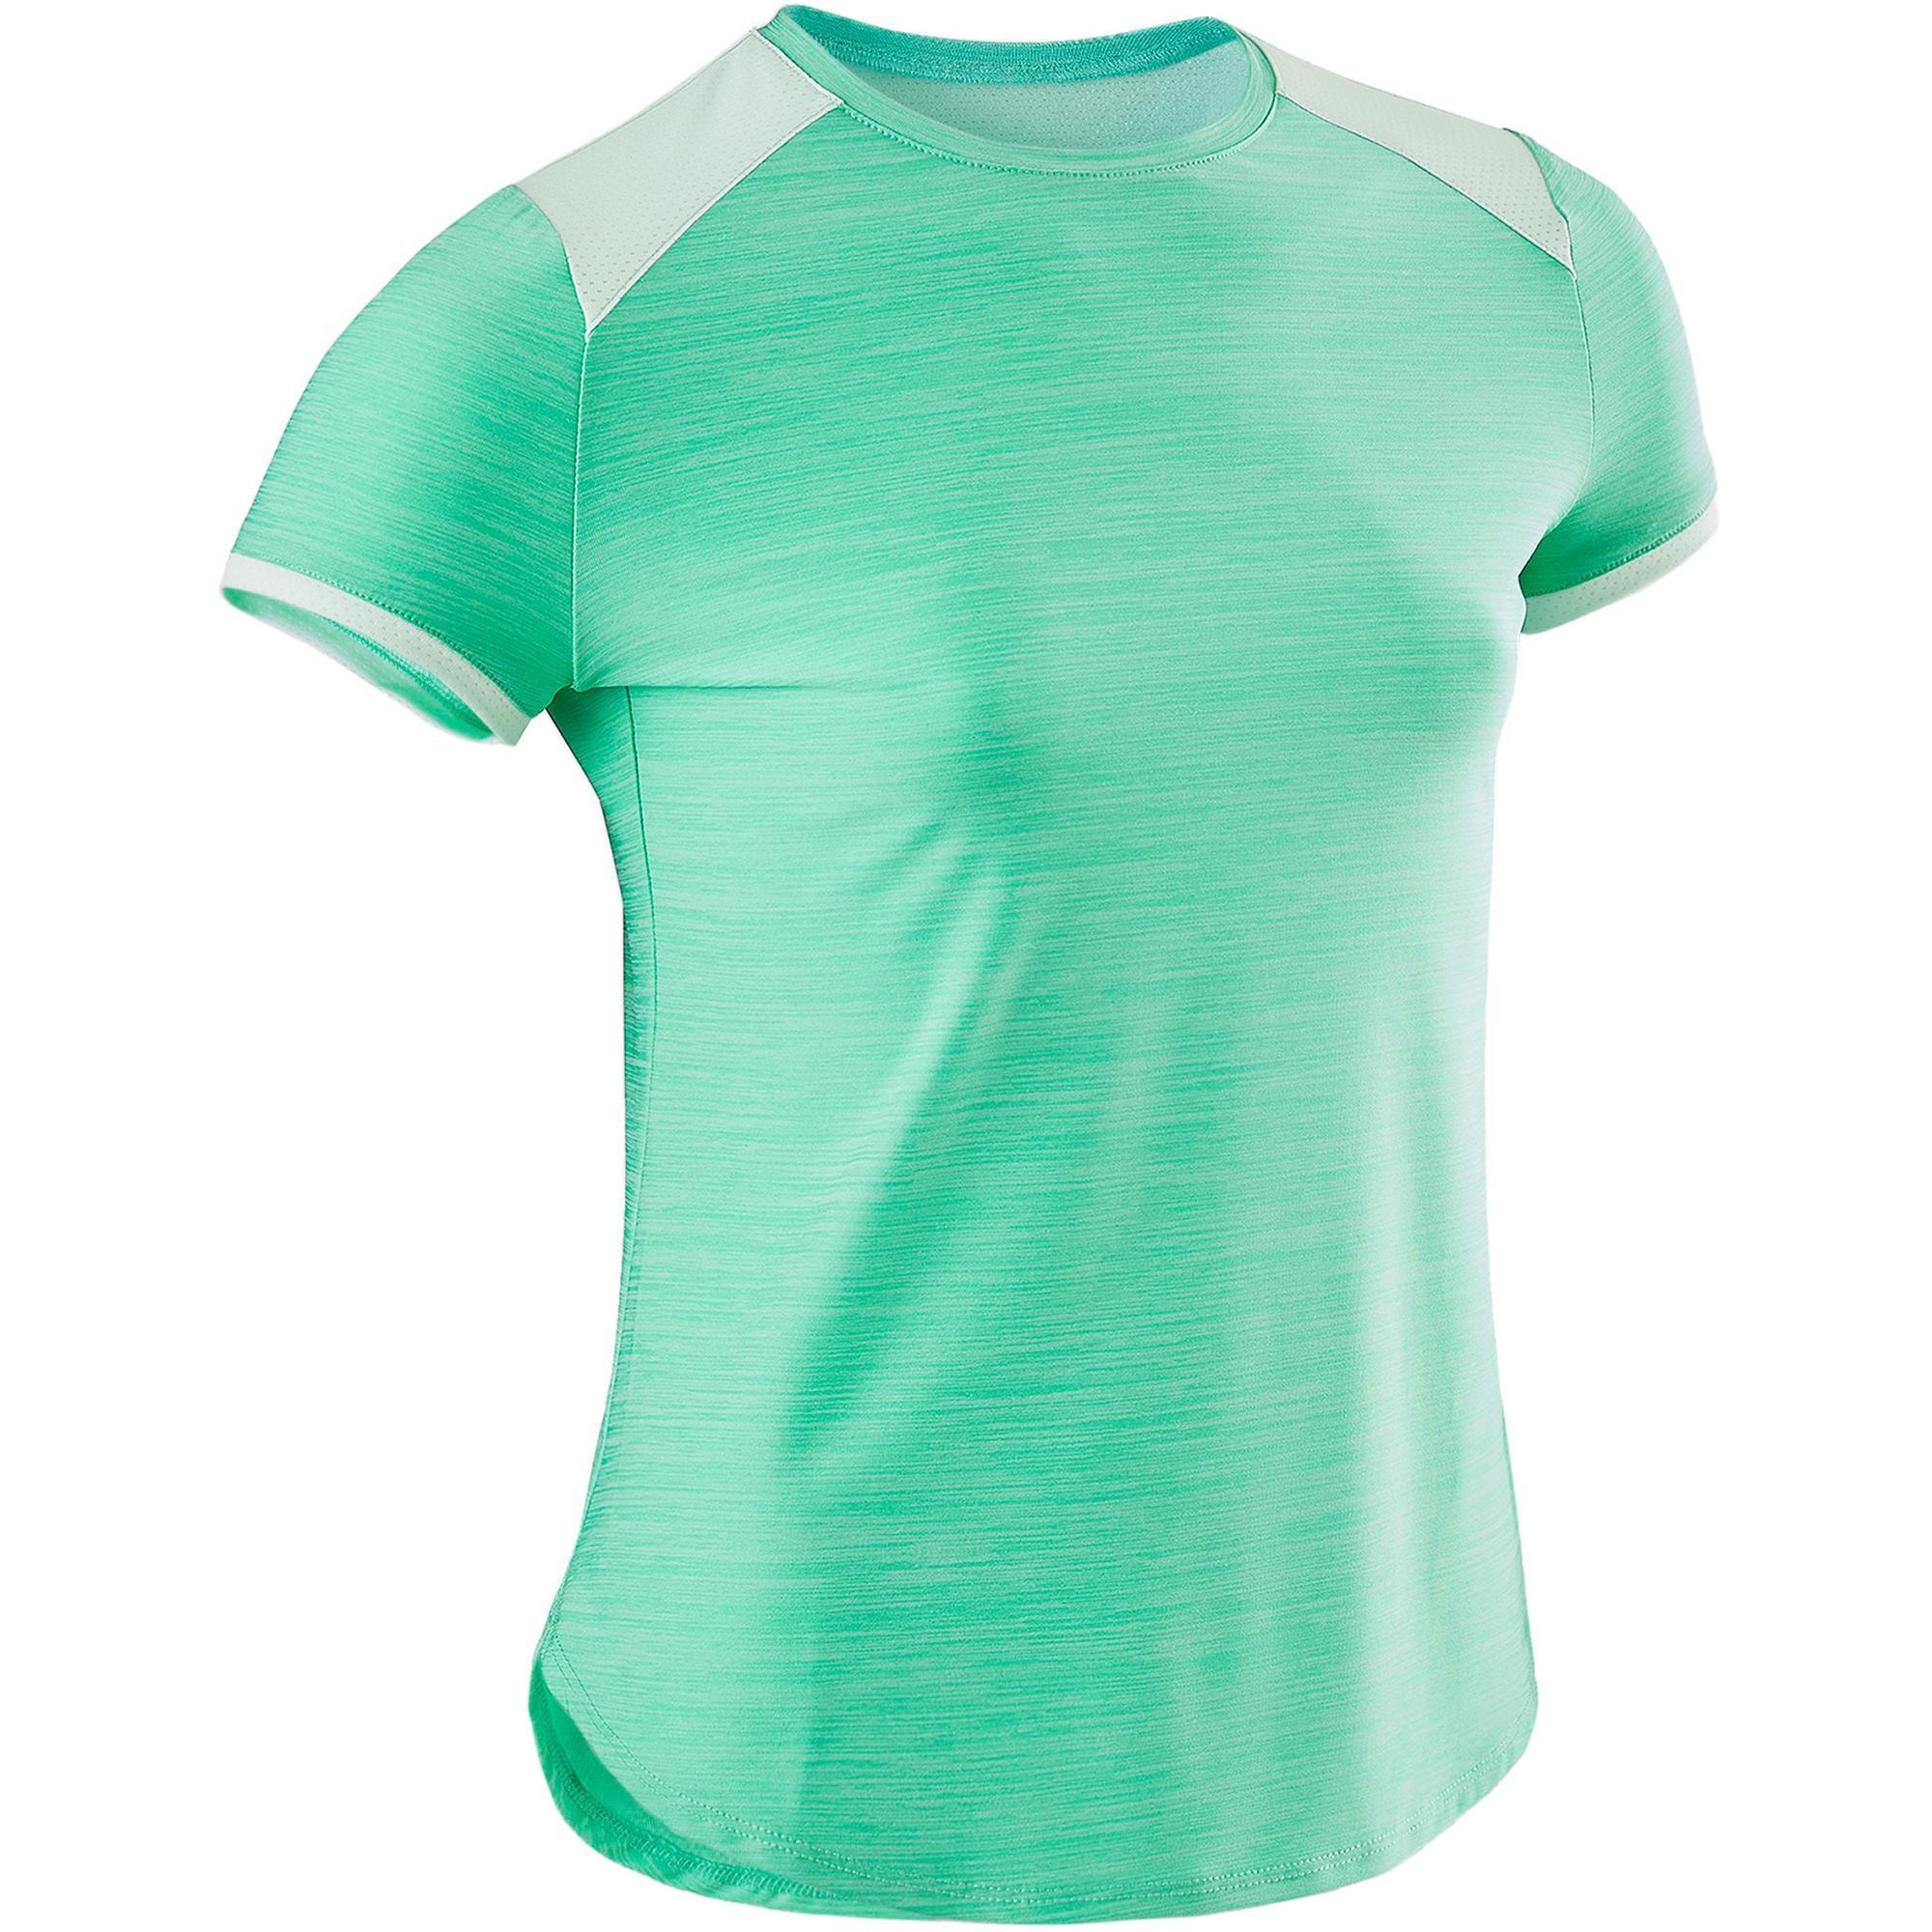 Domyos T-shirt korte mouwen synthetisch ademend S500 meisjes GYM KINDEREN groen